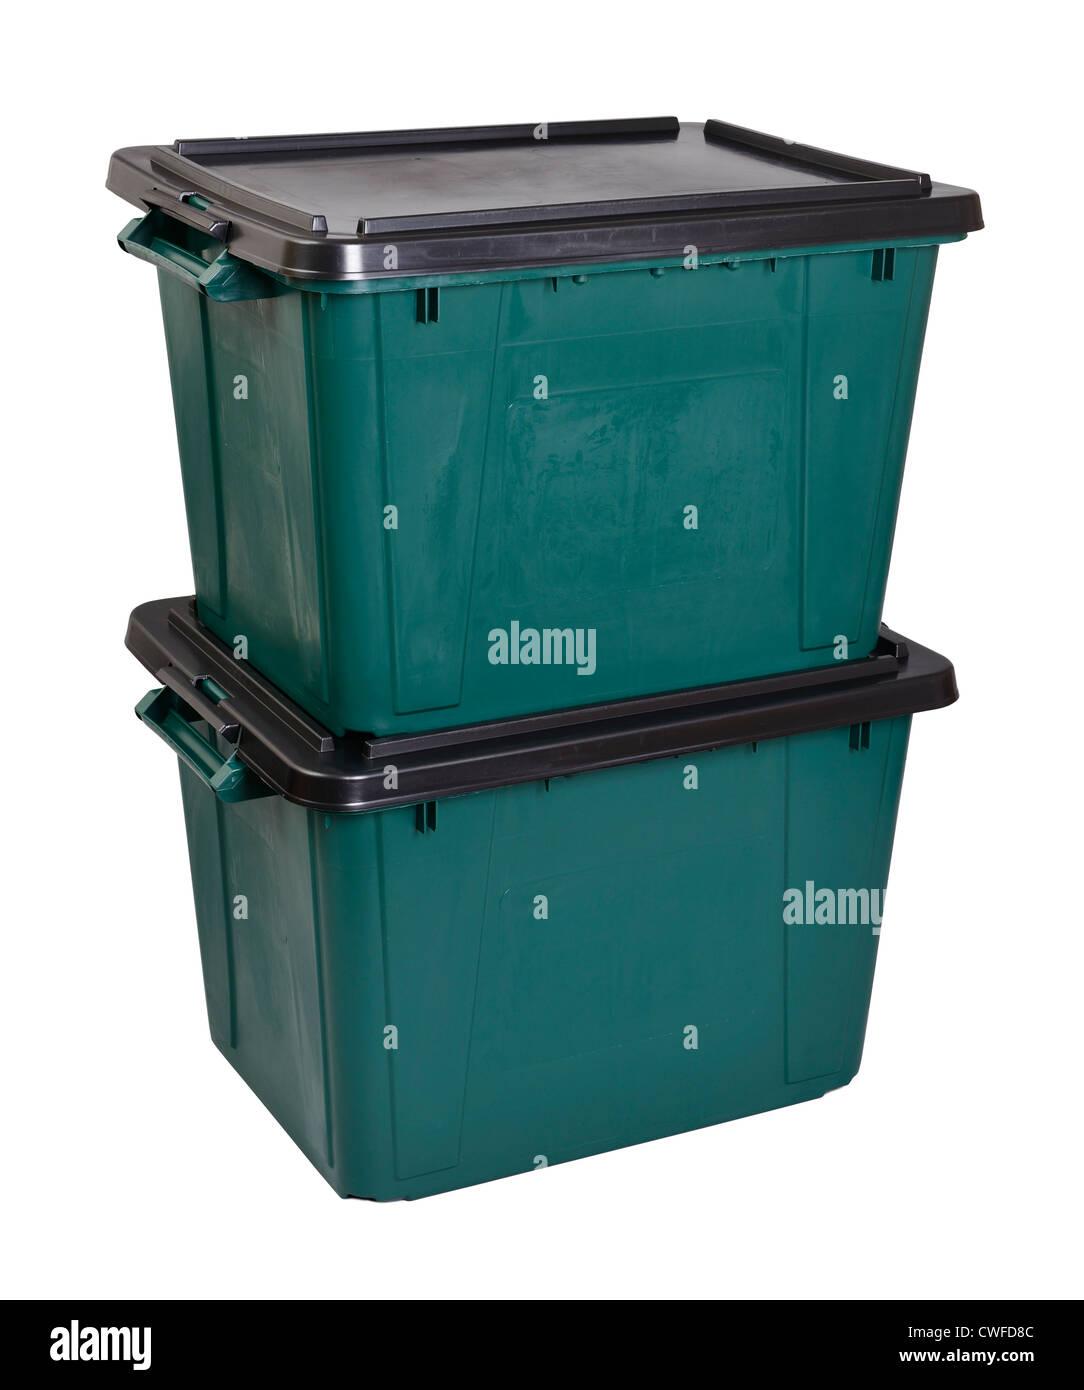 Zwei grüne Kunststoff Aufbewahrungsboxen Stockbild